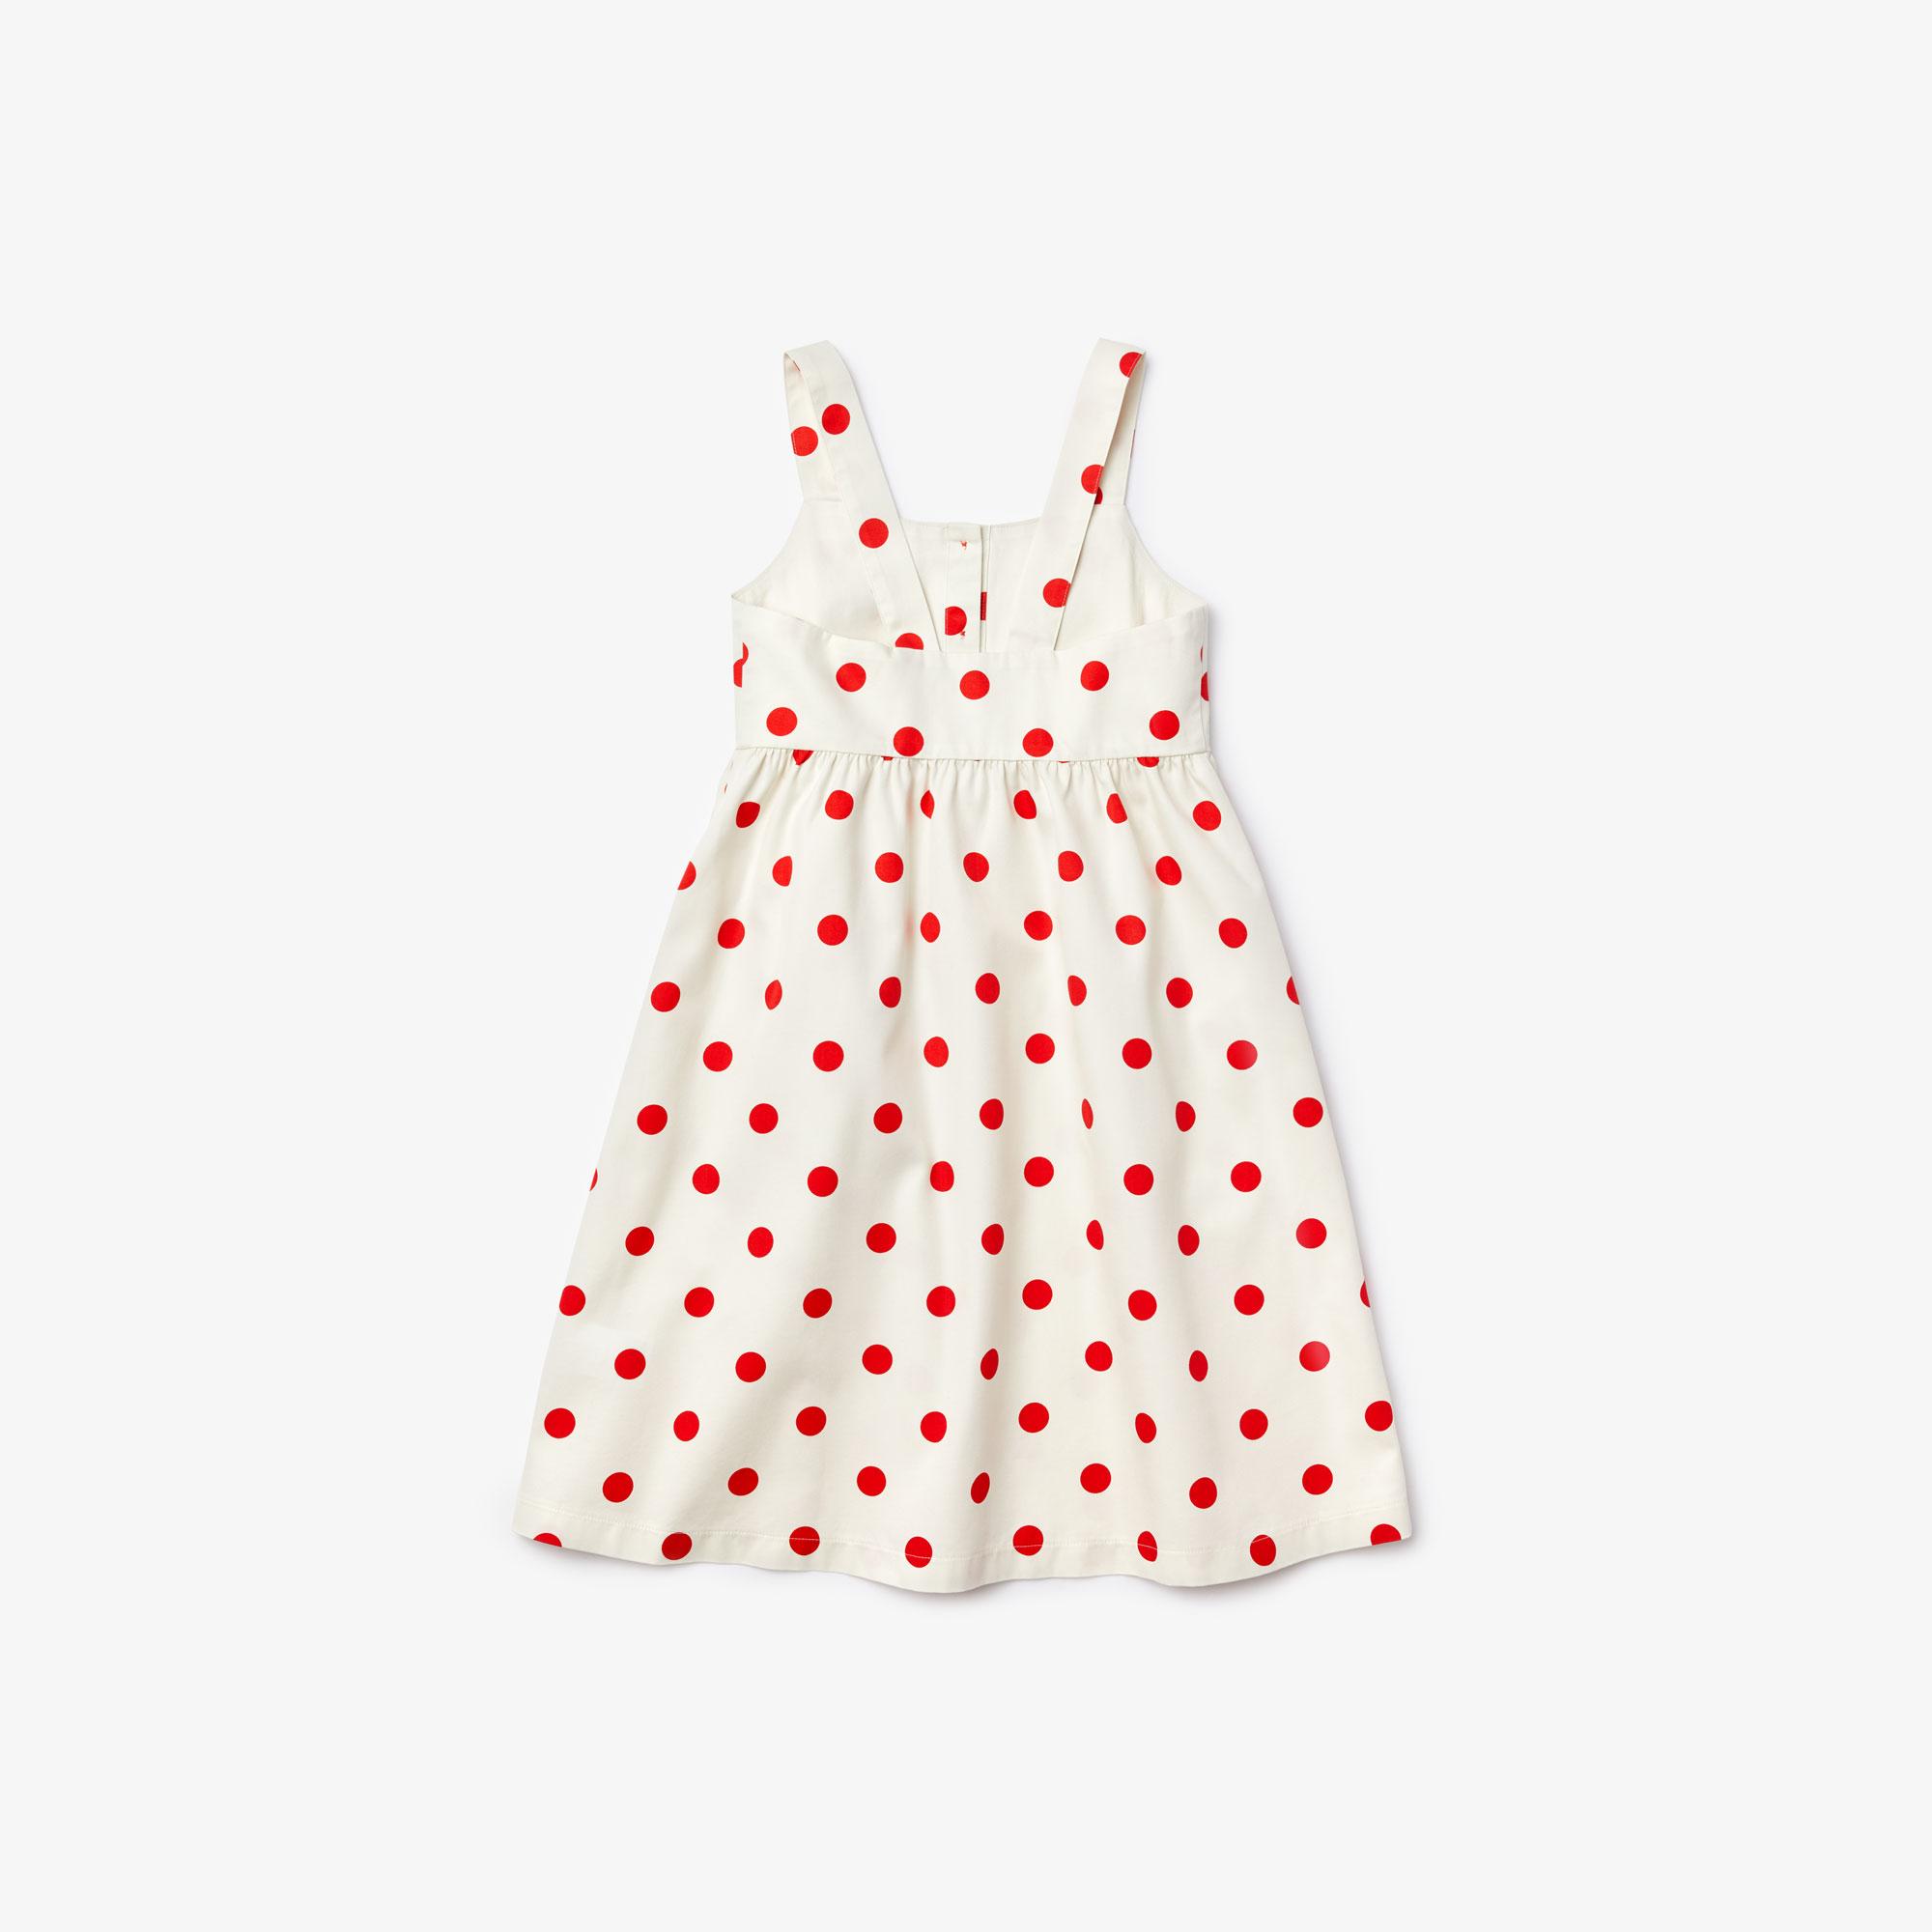 Lacoste Girls' Polka Dot Cotton Dress